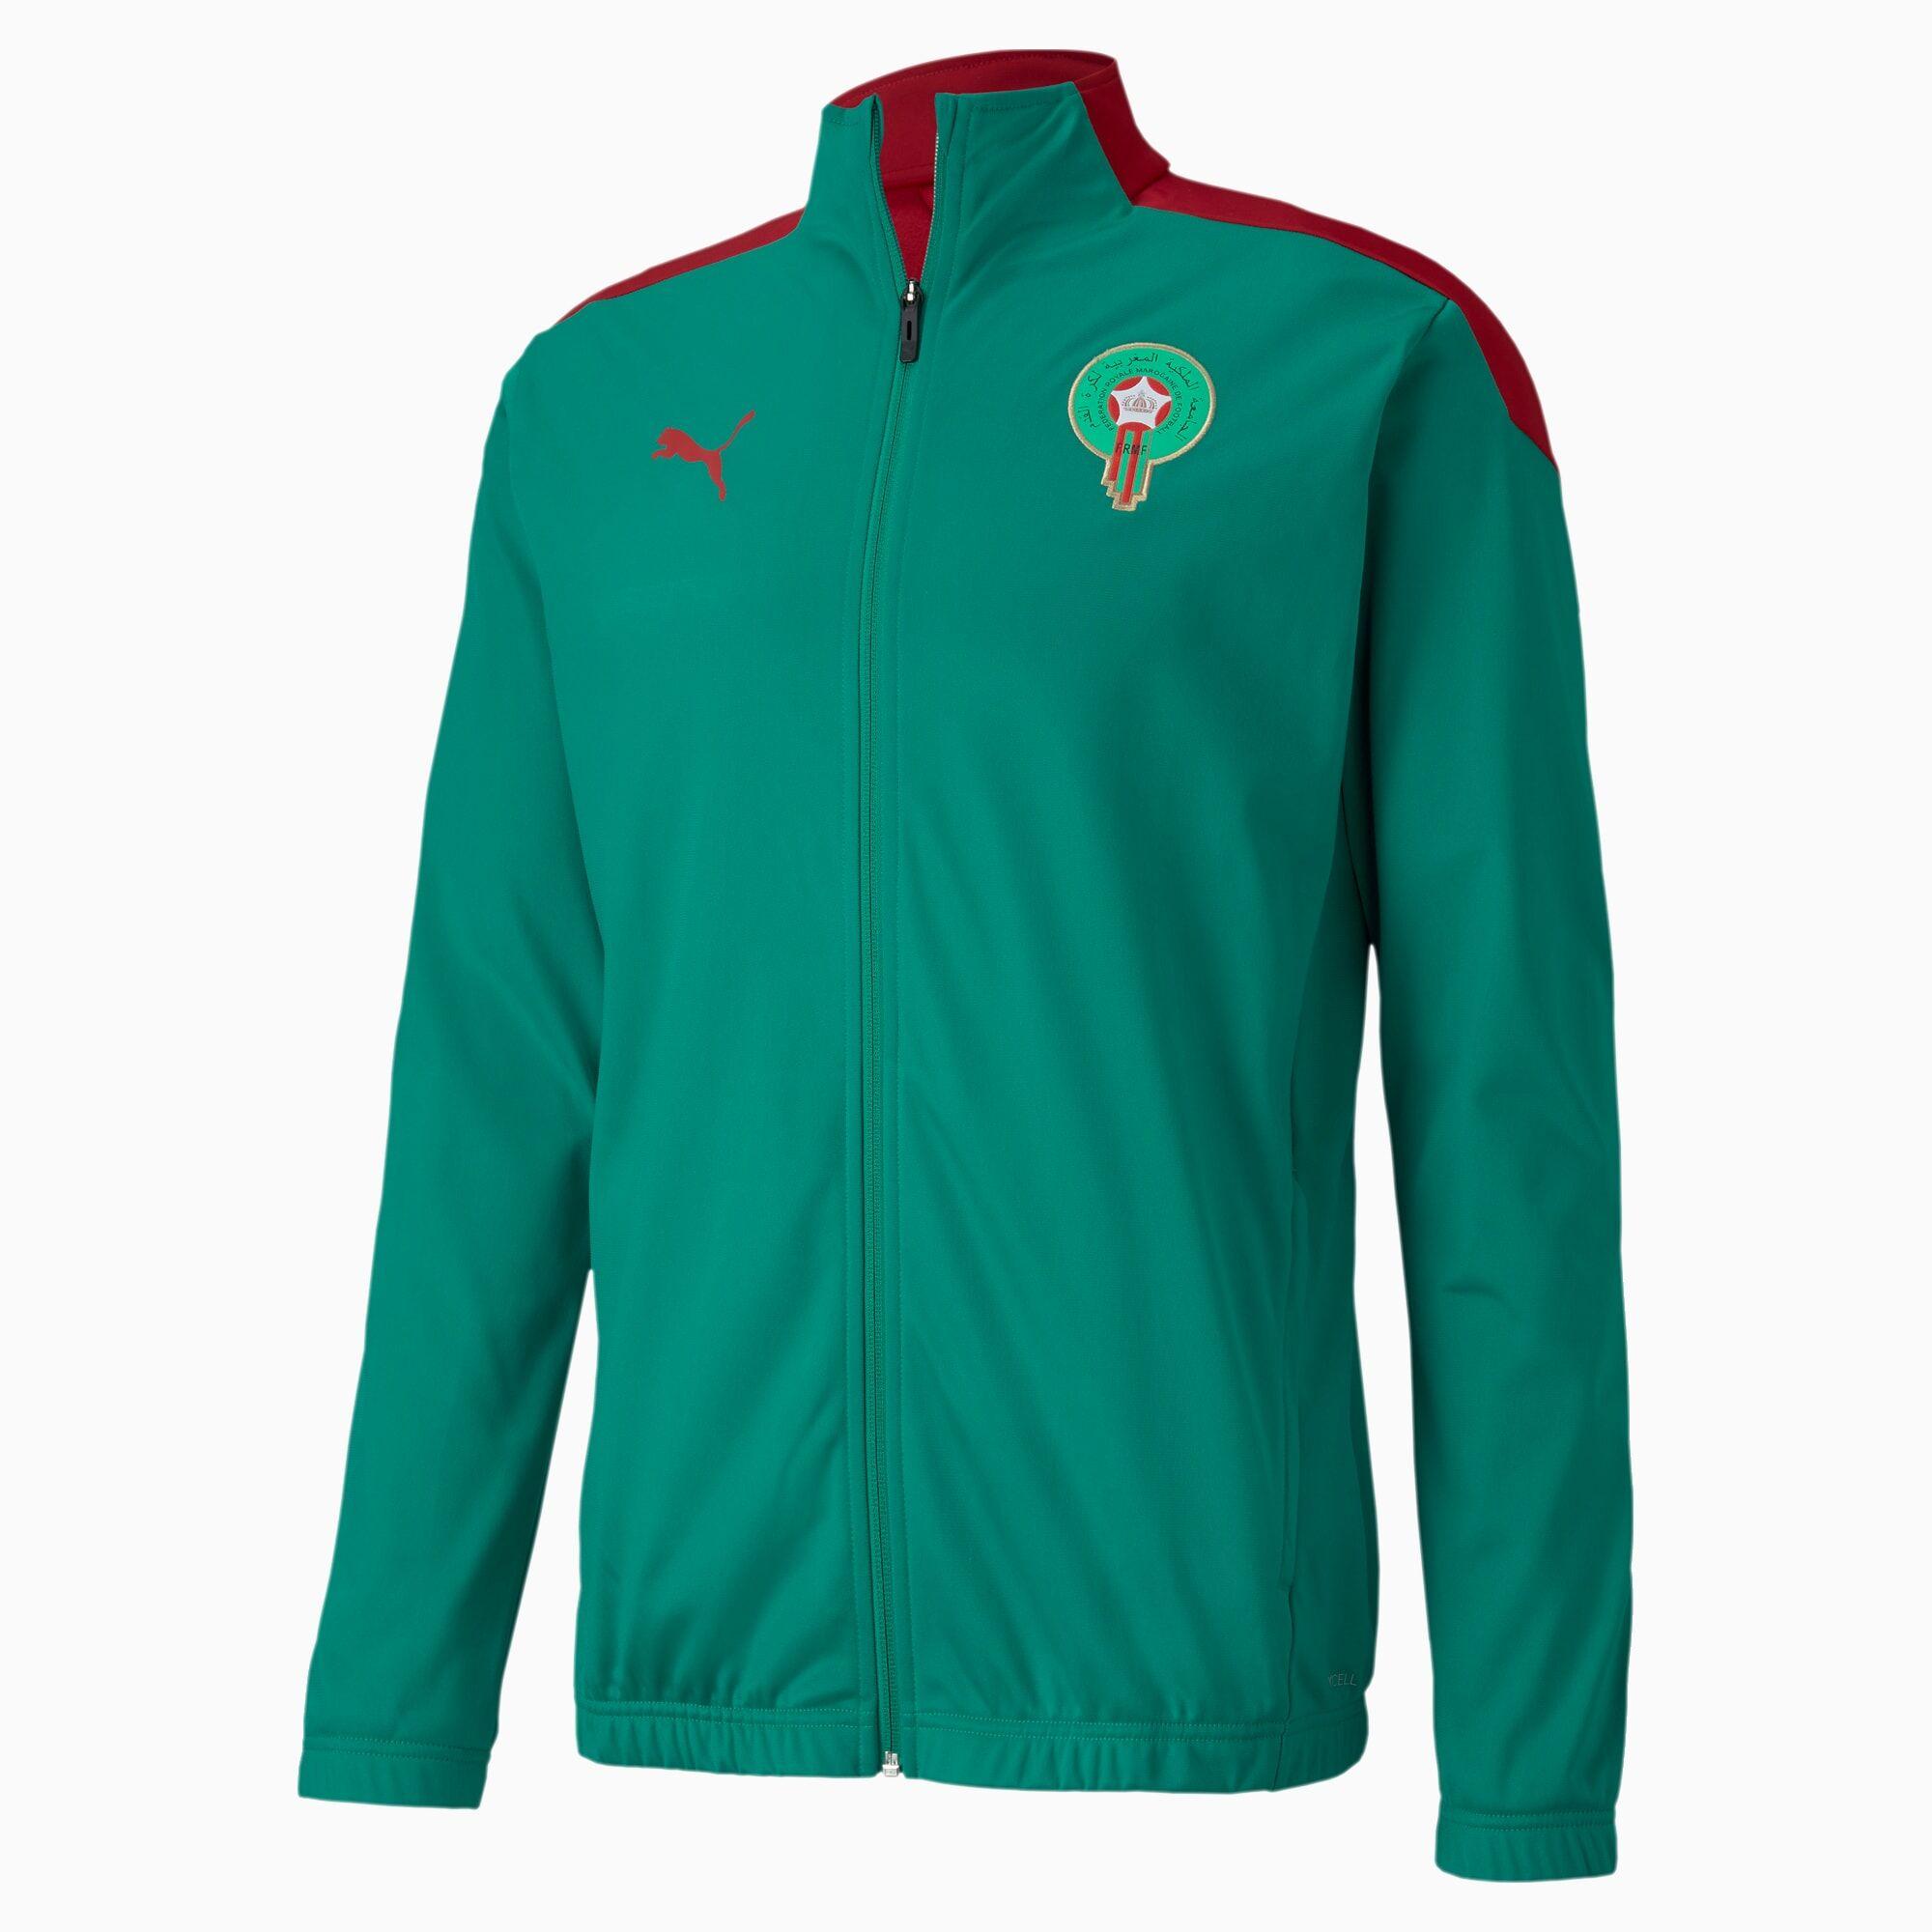 PUMA Blouson Maroc Stadium pour Homme, Vert/Rouge, Taille XL, Vêtements